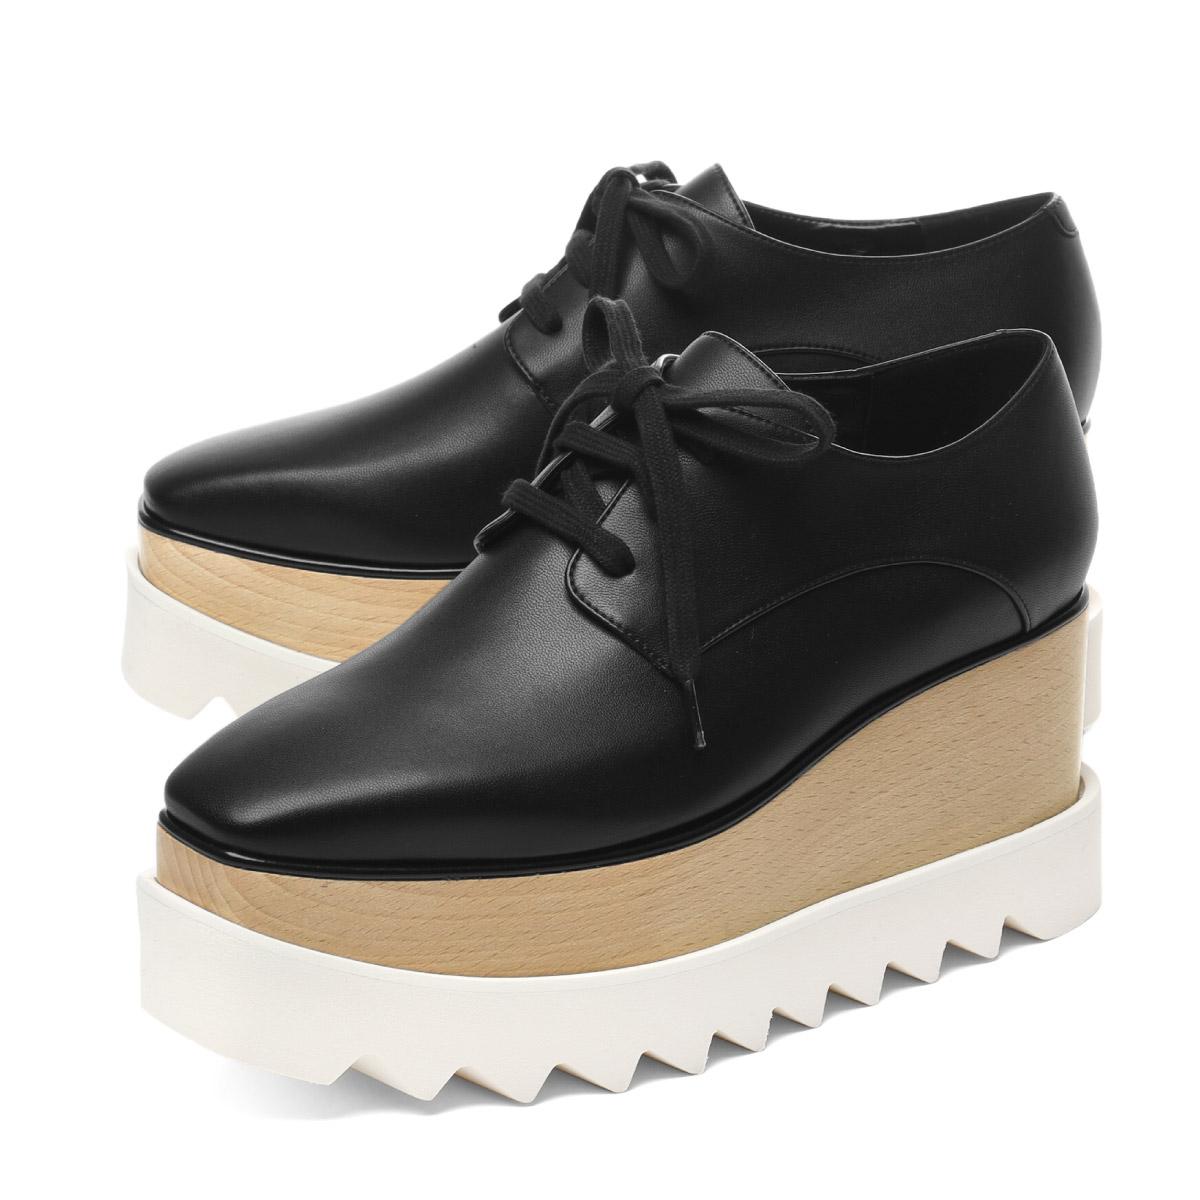 Shoes ImportshopdoubleStella Shoes Lady's Mccartney Lady's ImportshopdoubleStella Mccartney bfgy76